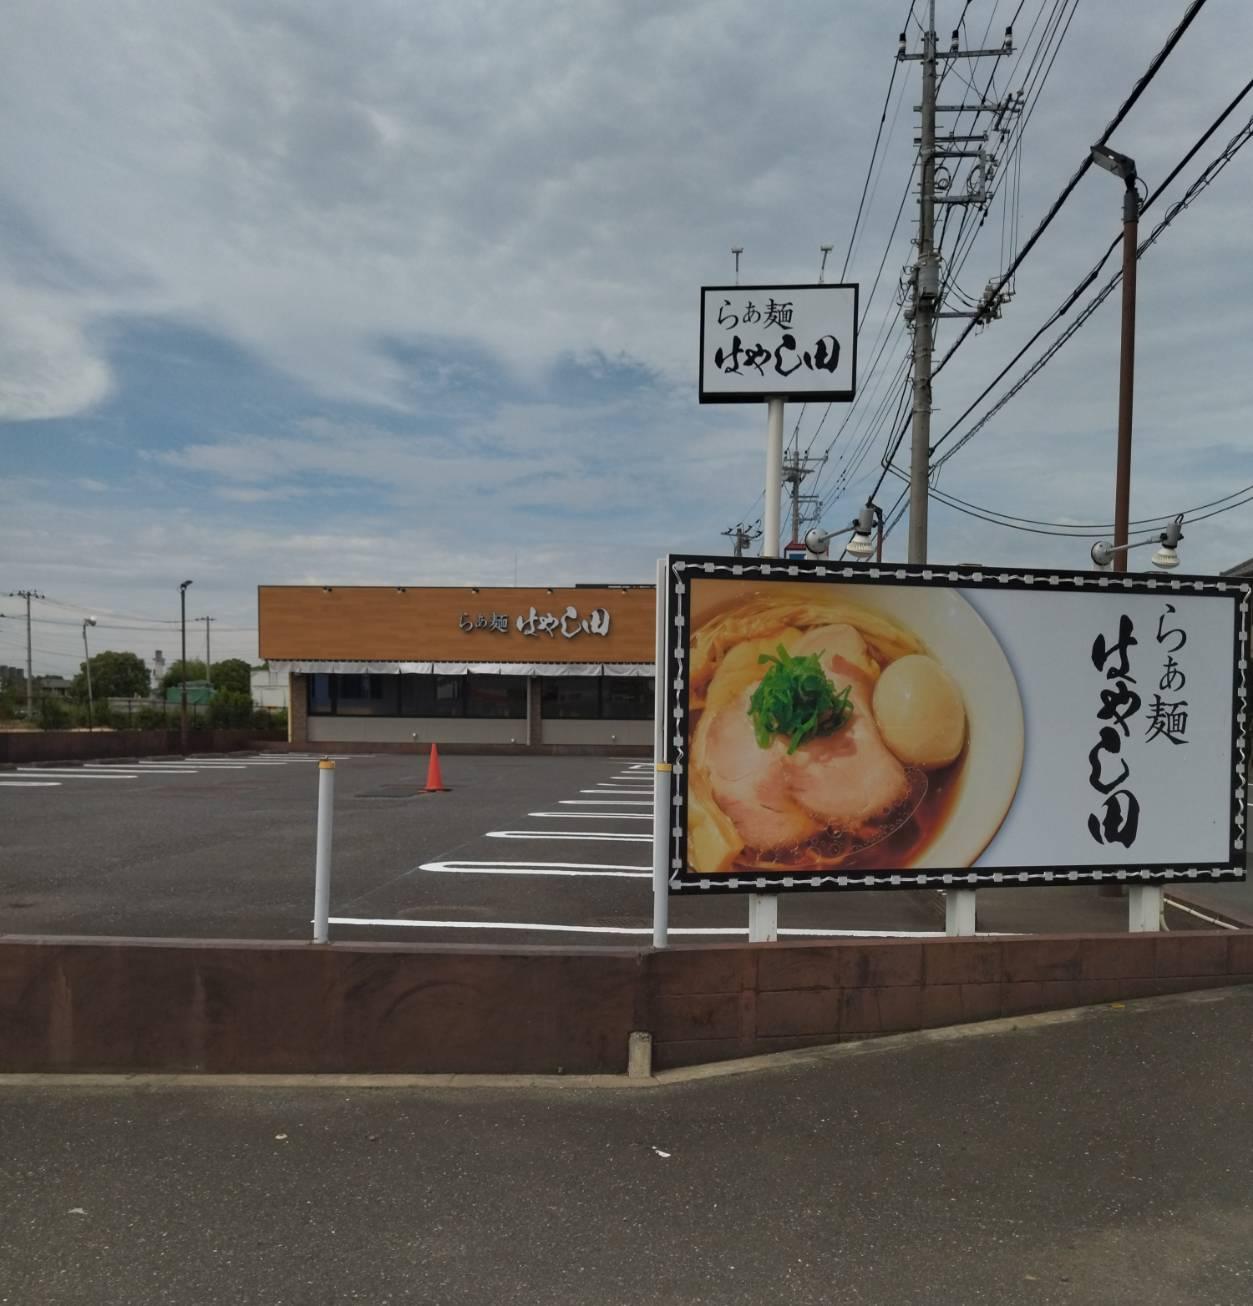 ラーメンはやし田松戸主水店ラーメン新店舗